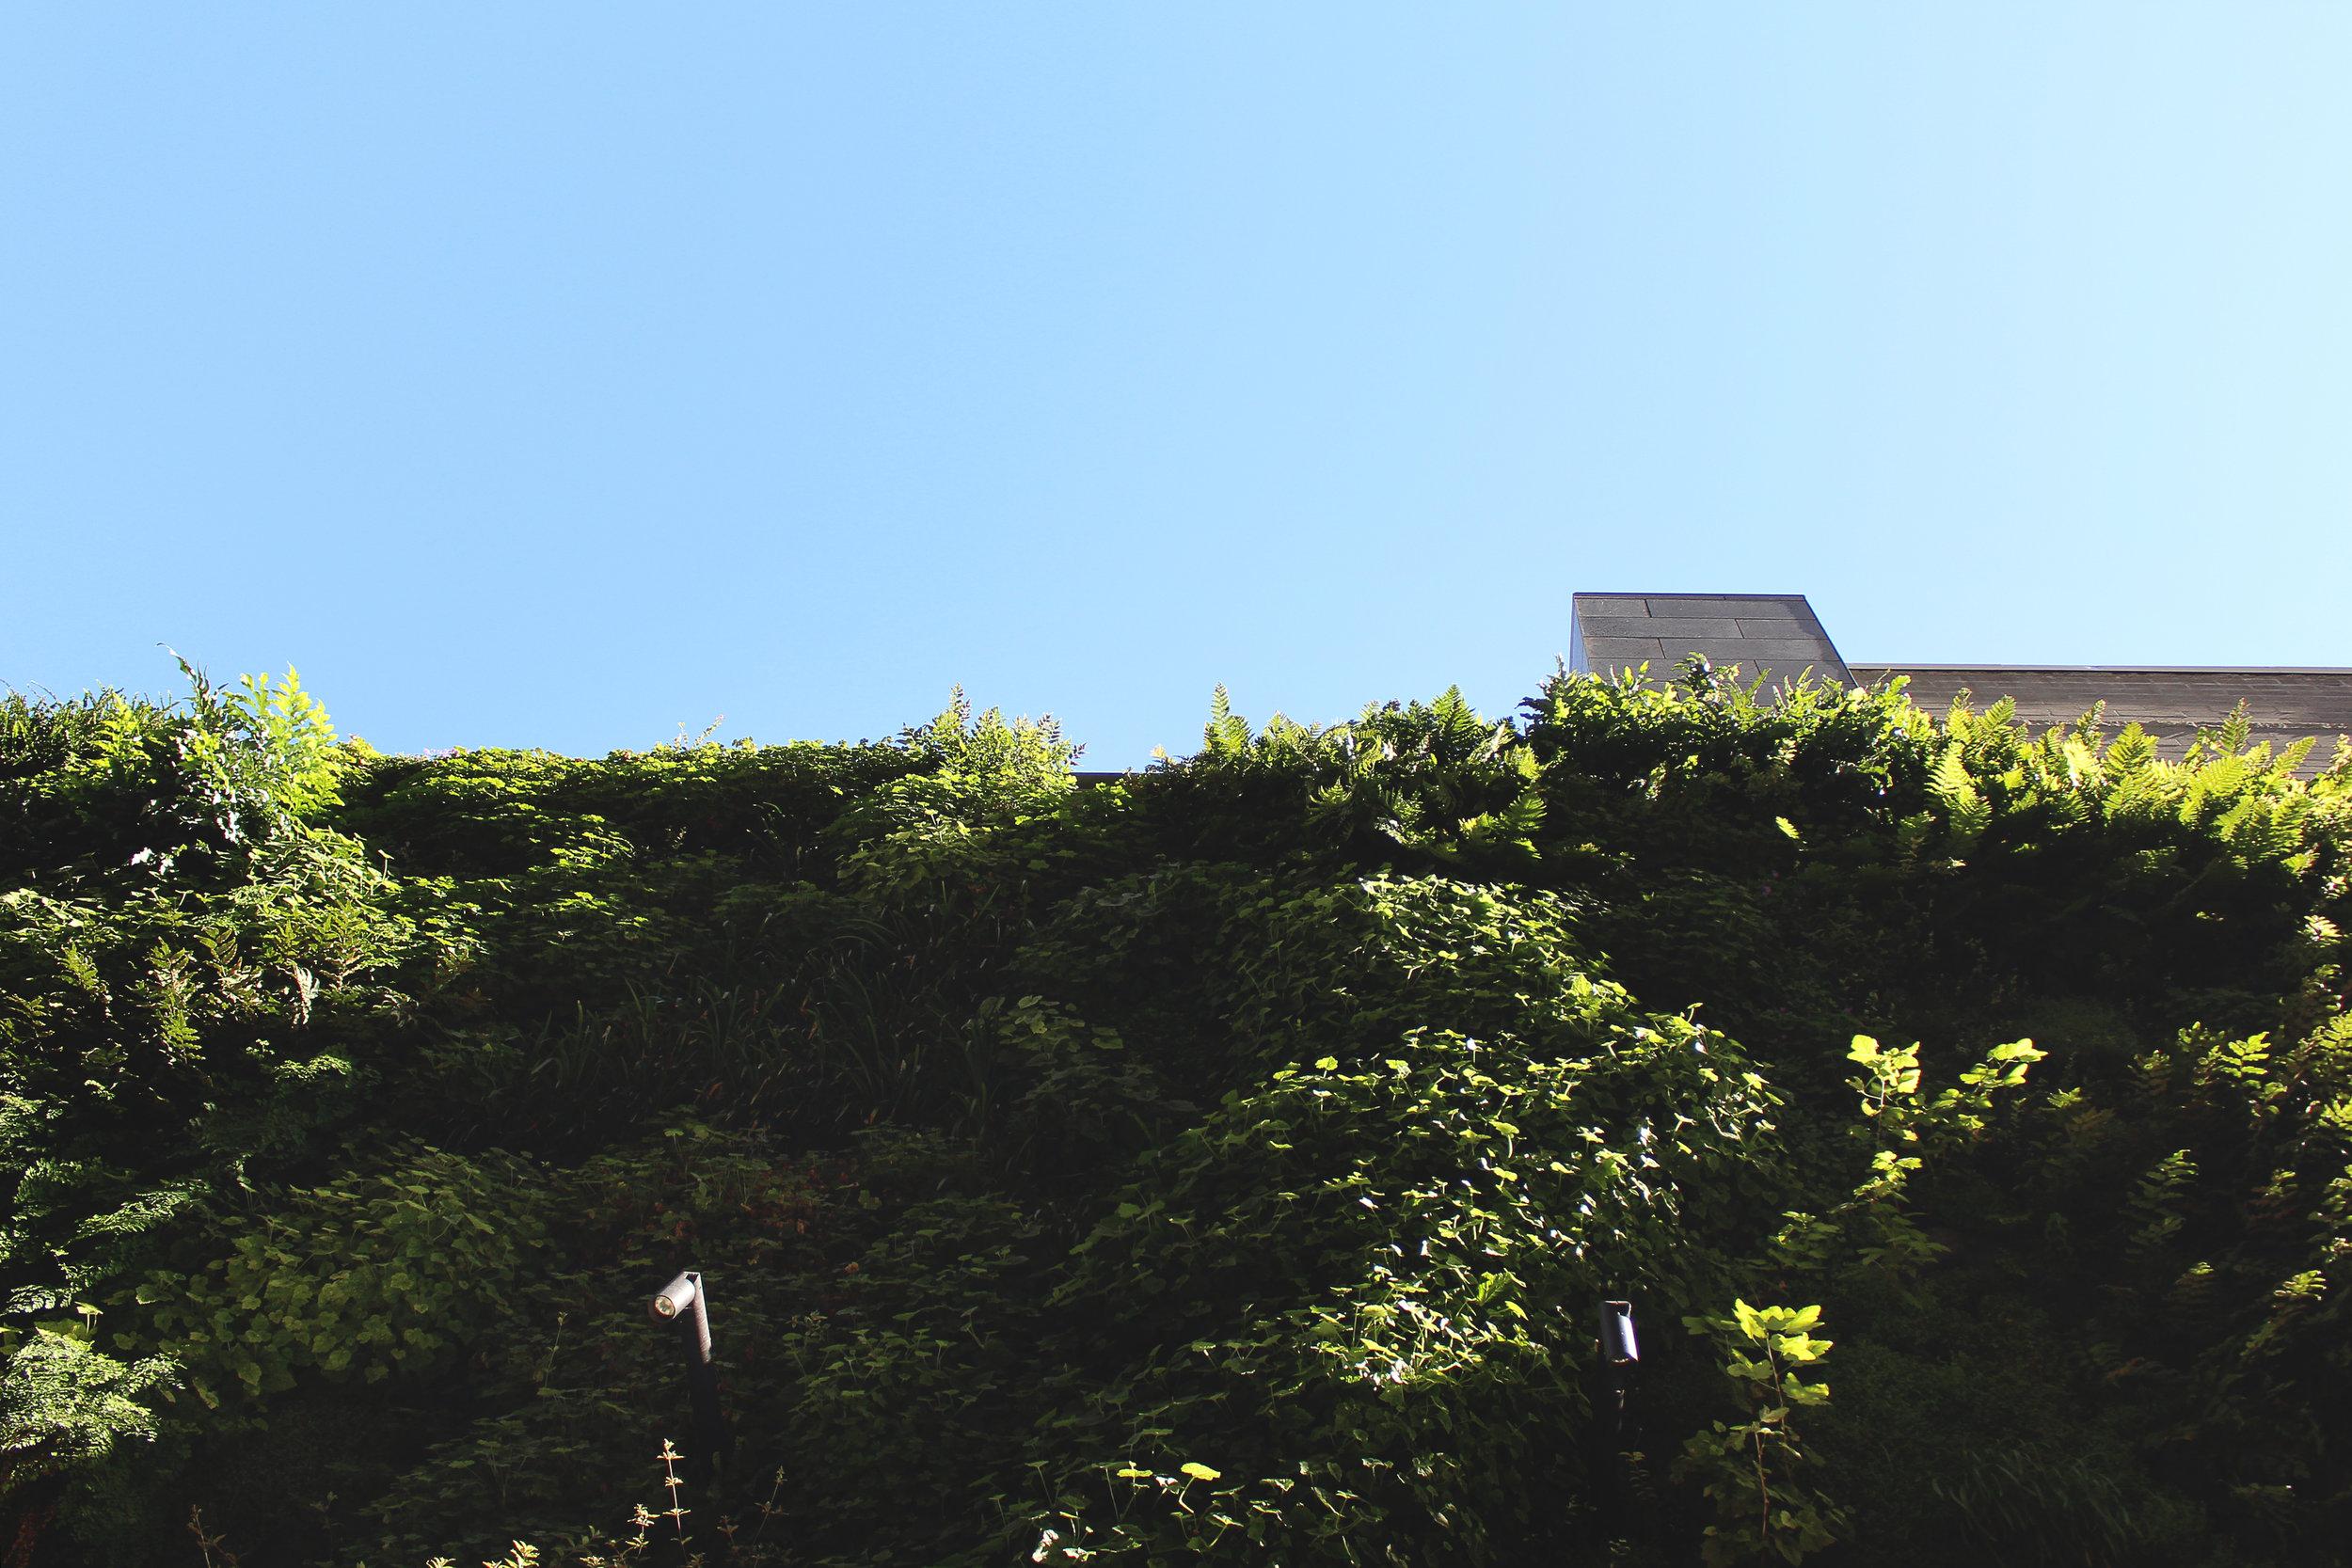 The Living Wall at SFMOMA